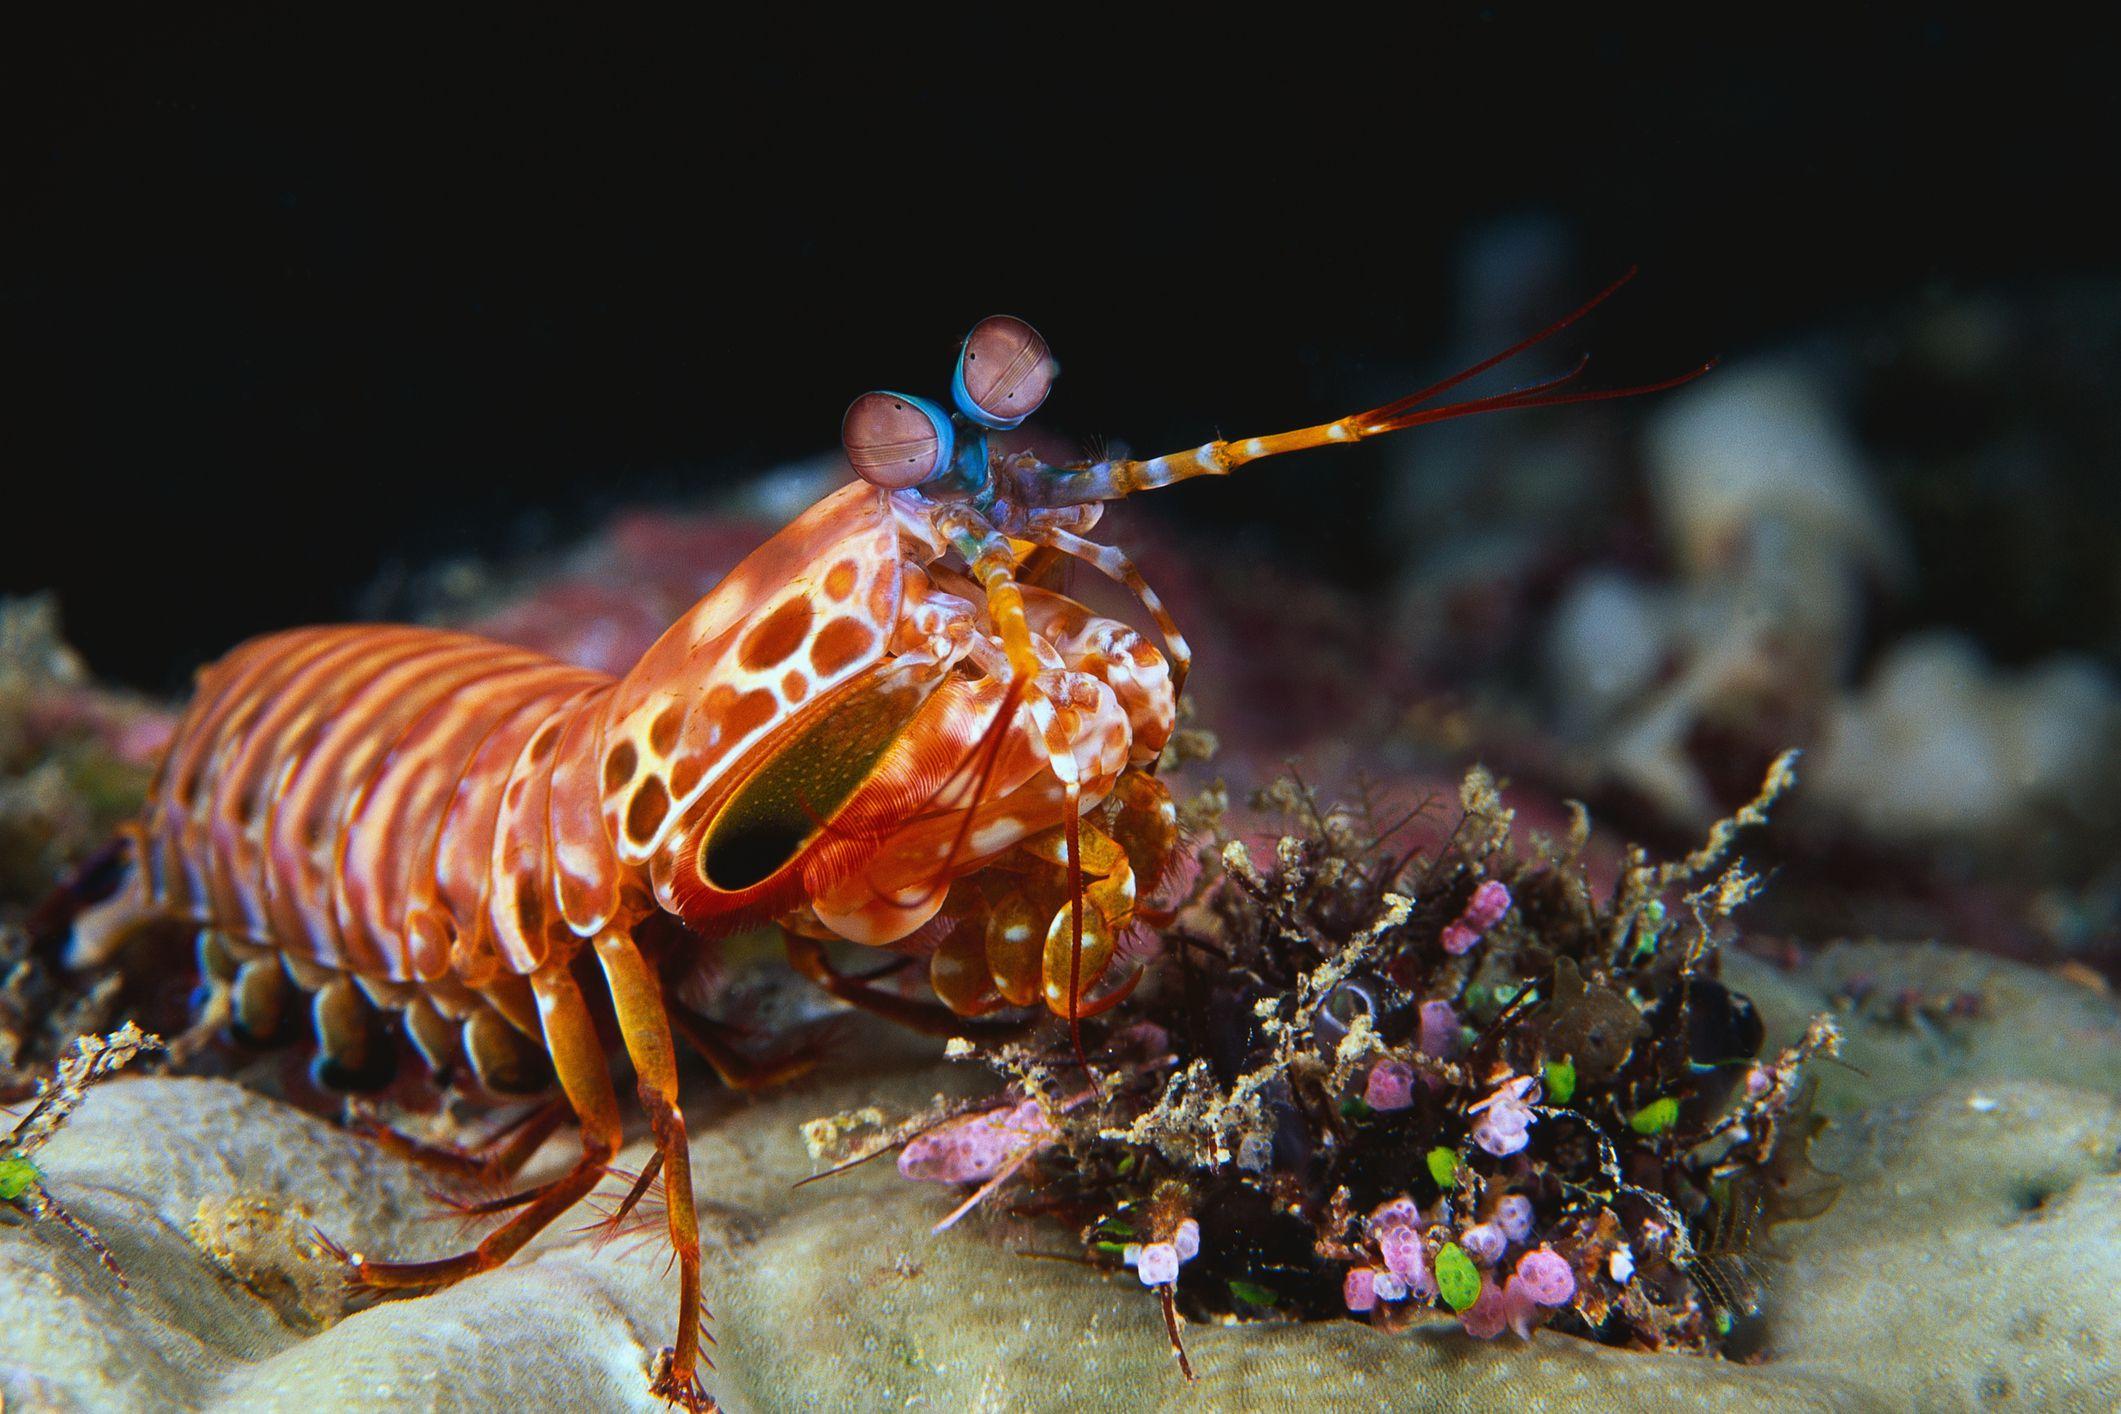 Mantis Shrimp in an Aquarium - Pest or Pet?